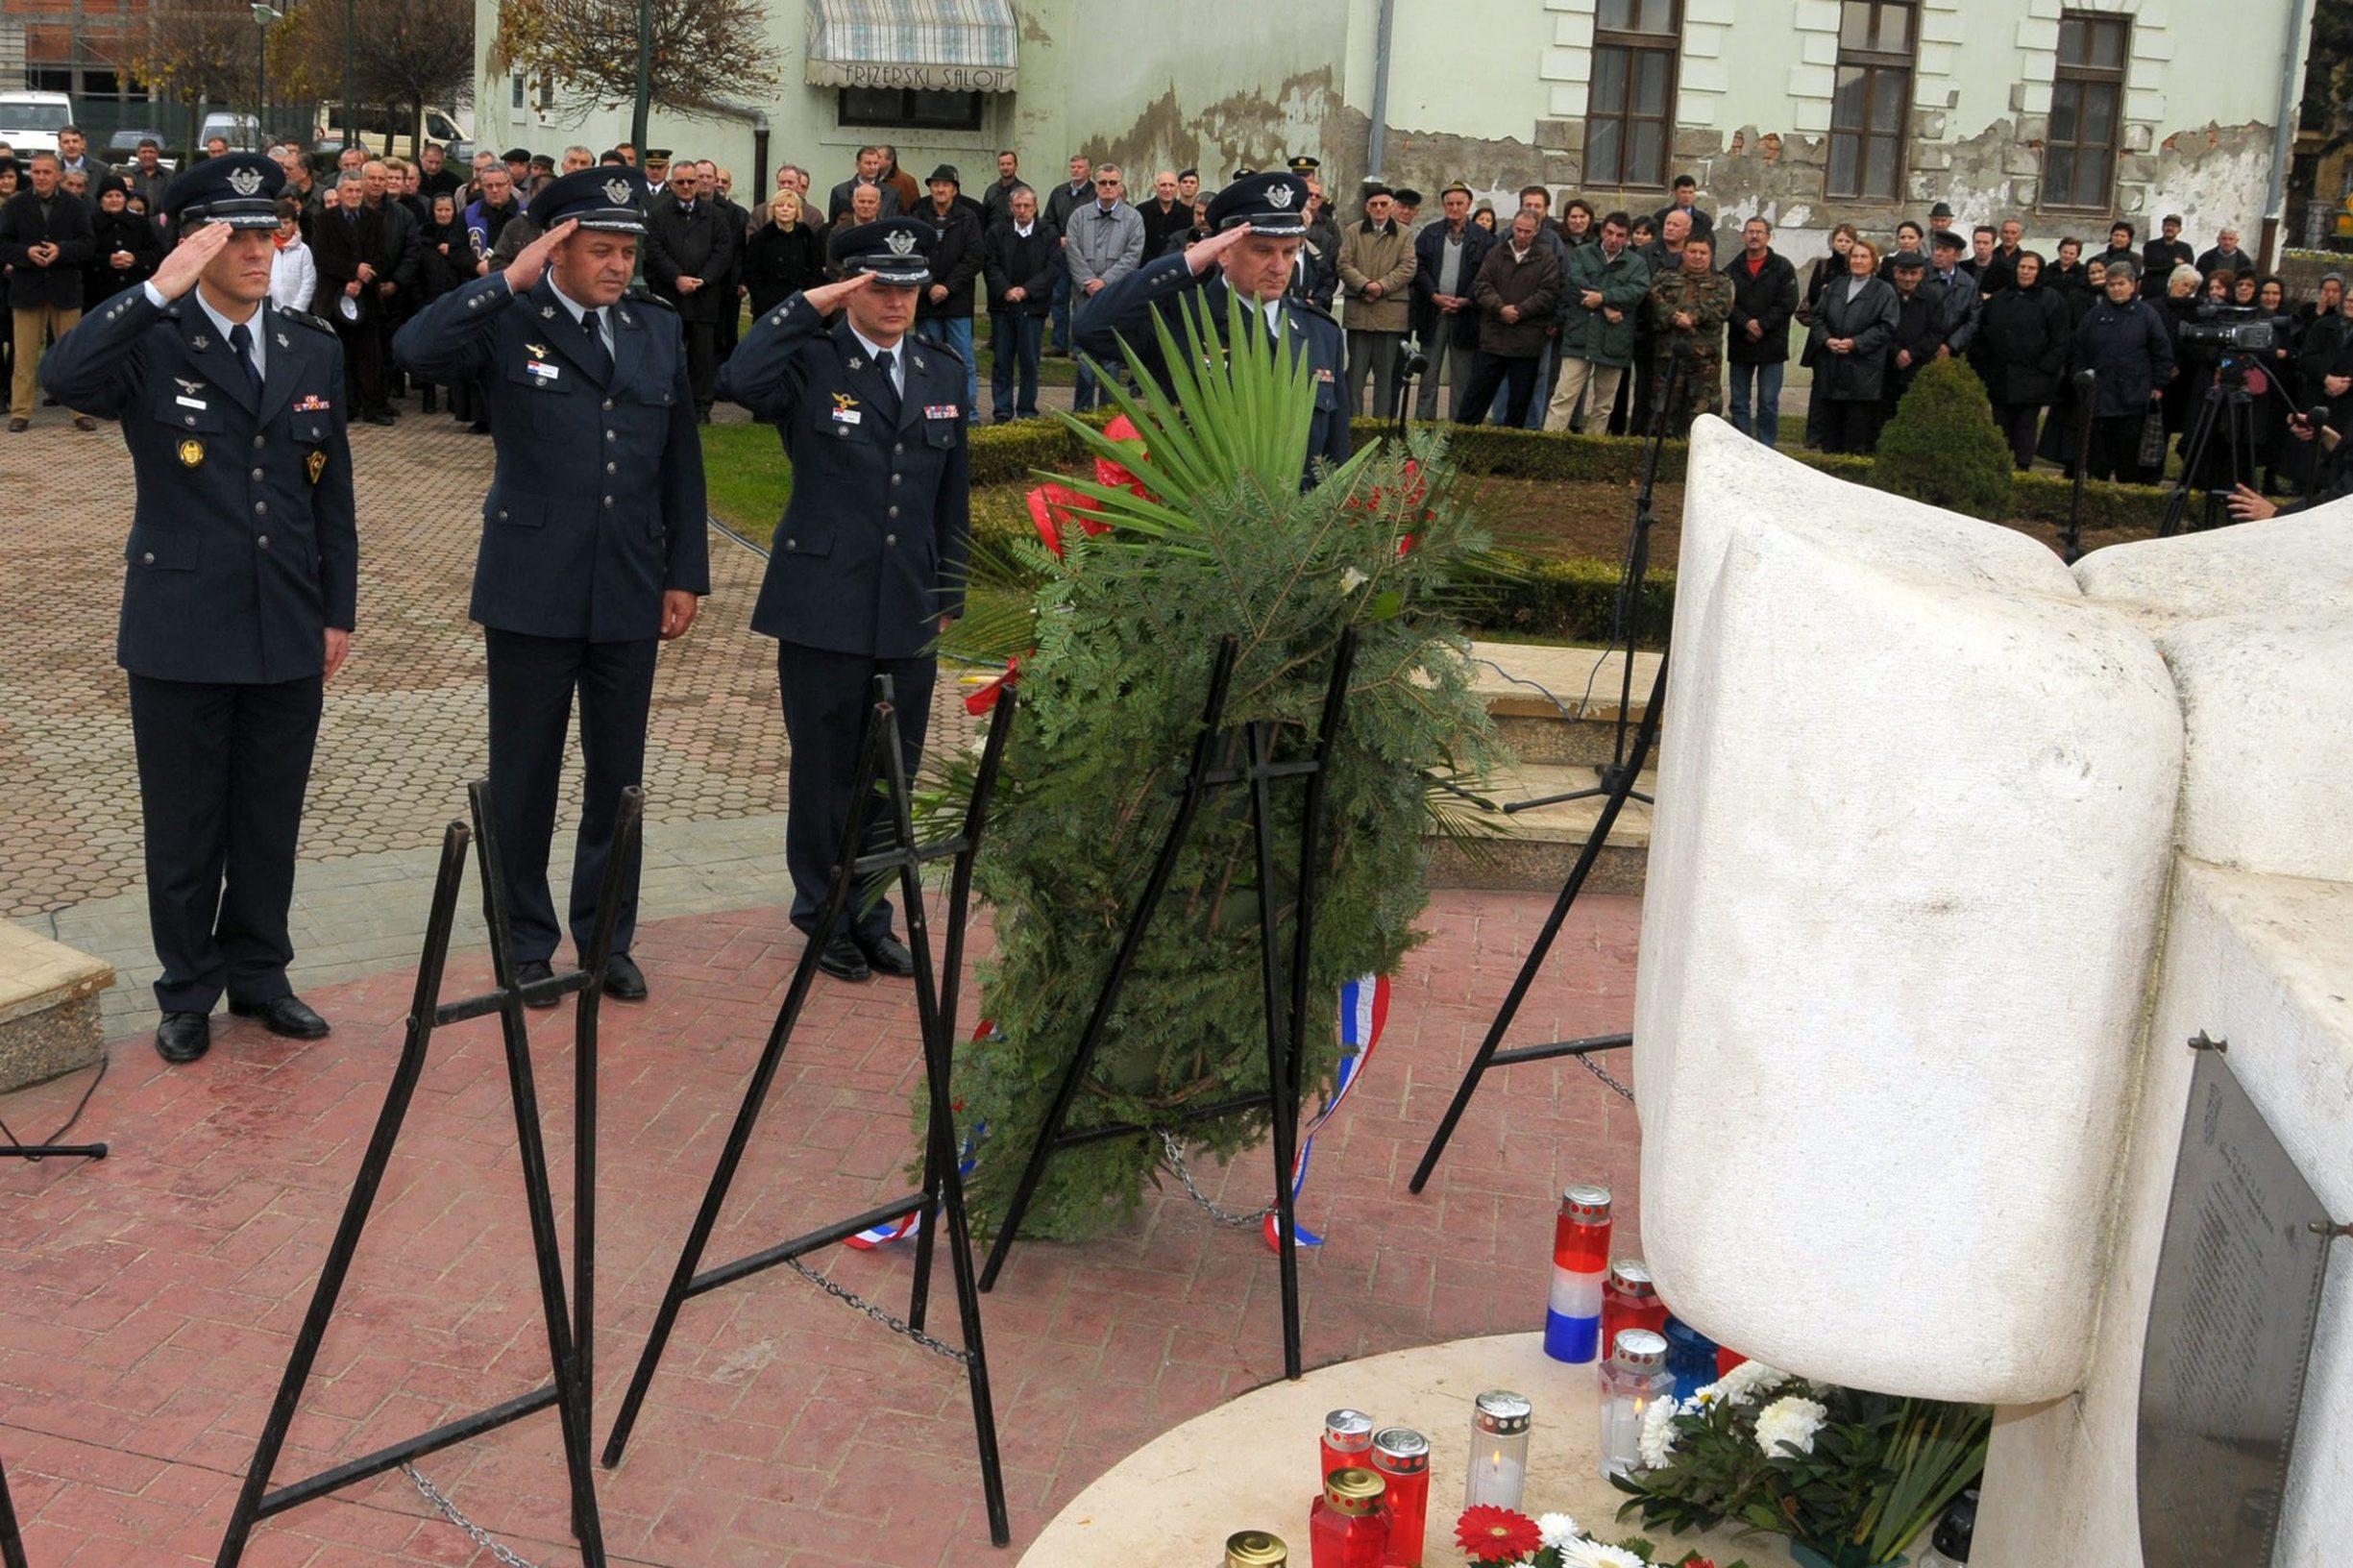 arhivska fotografija obilježavanja pogibije hrvatskih zrakoplovaca u Otoku